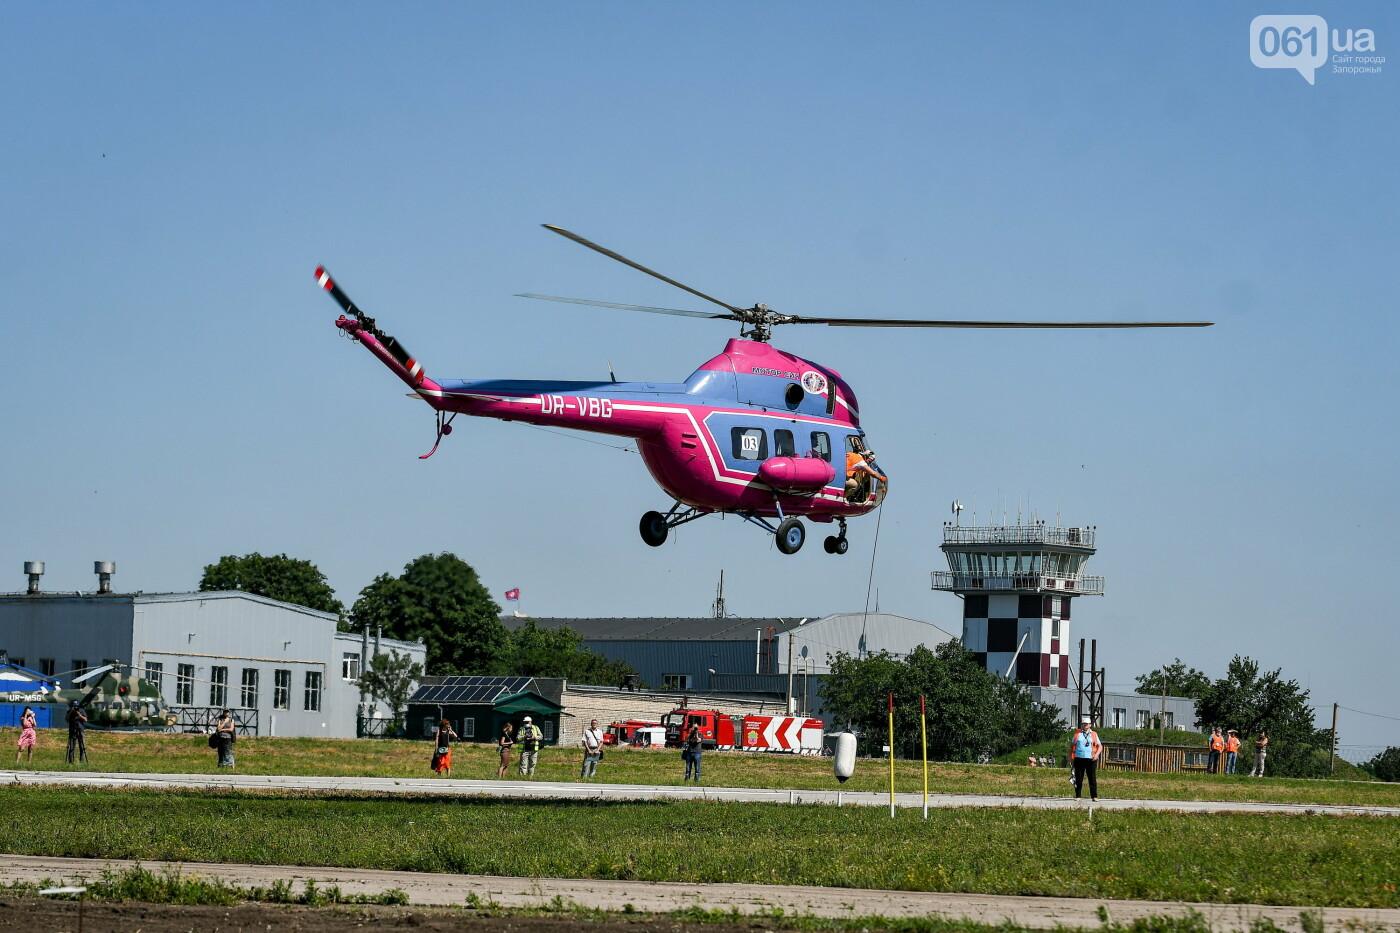 В Запорожье проходят соревнования по вертолетному спорту, - ФОТОРЕПОРТАЖ, фото-5